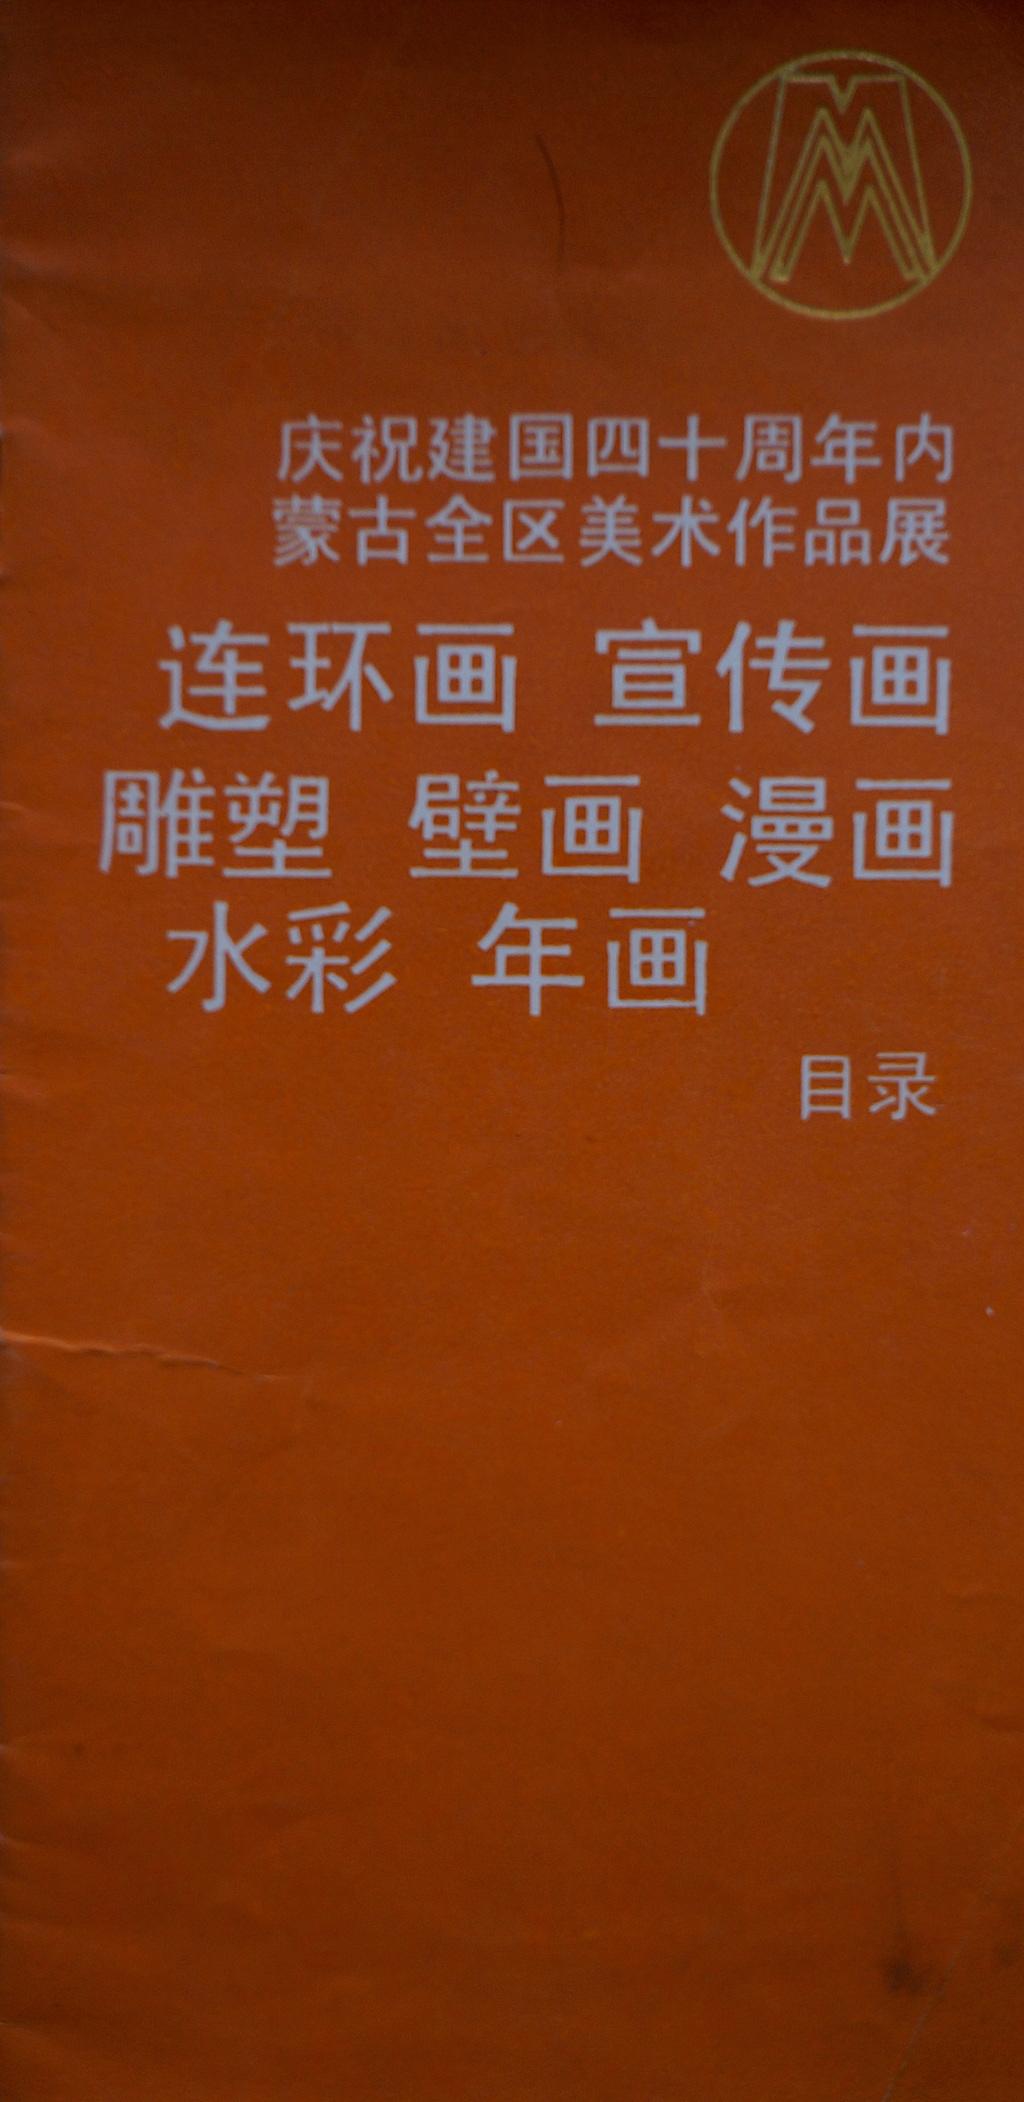 内蒙古美展-01